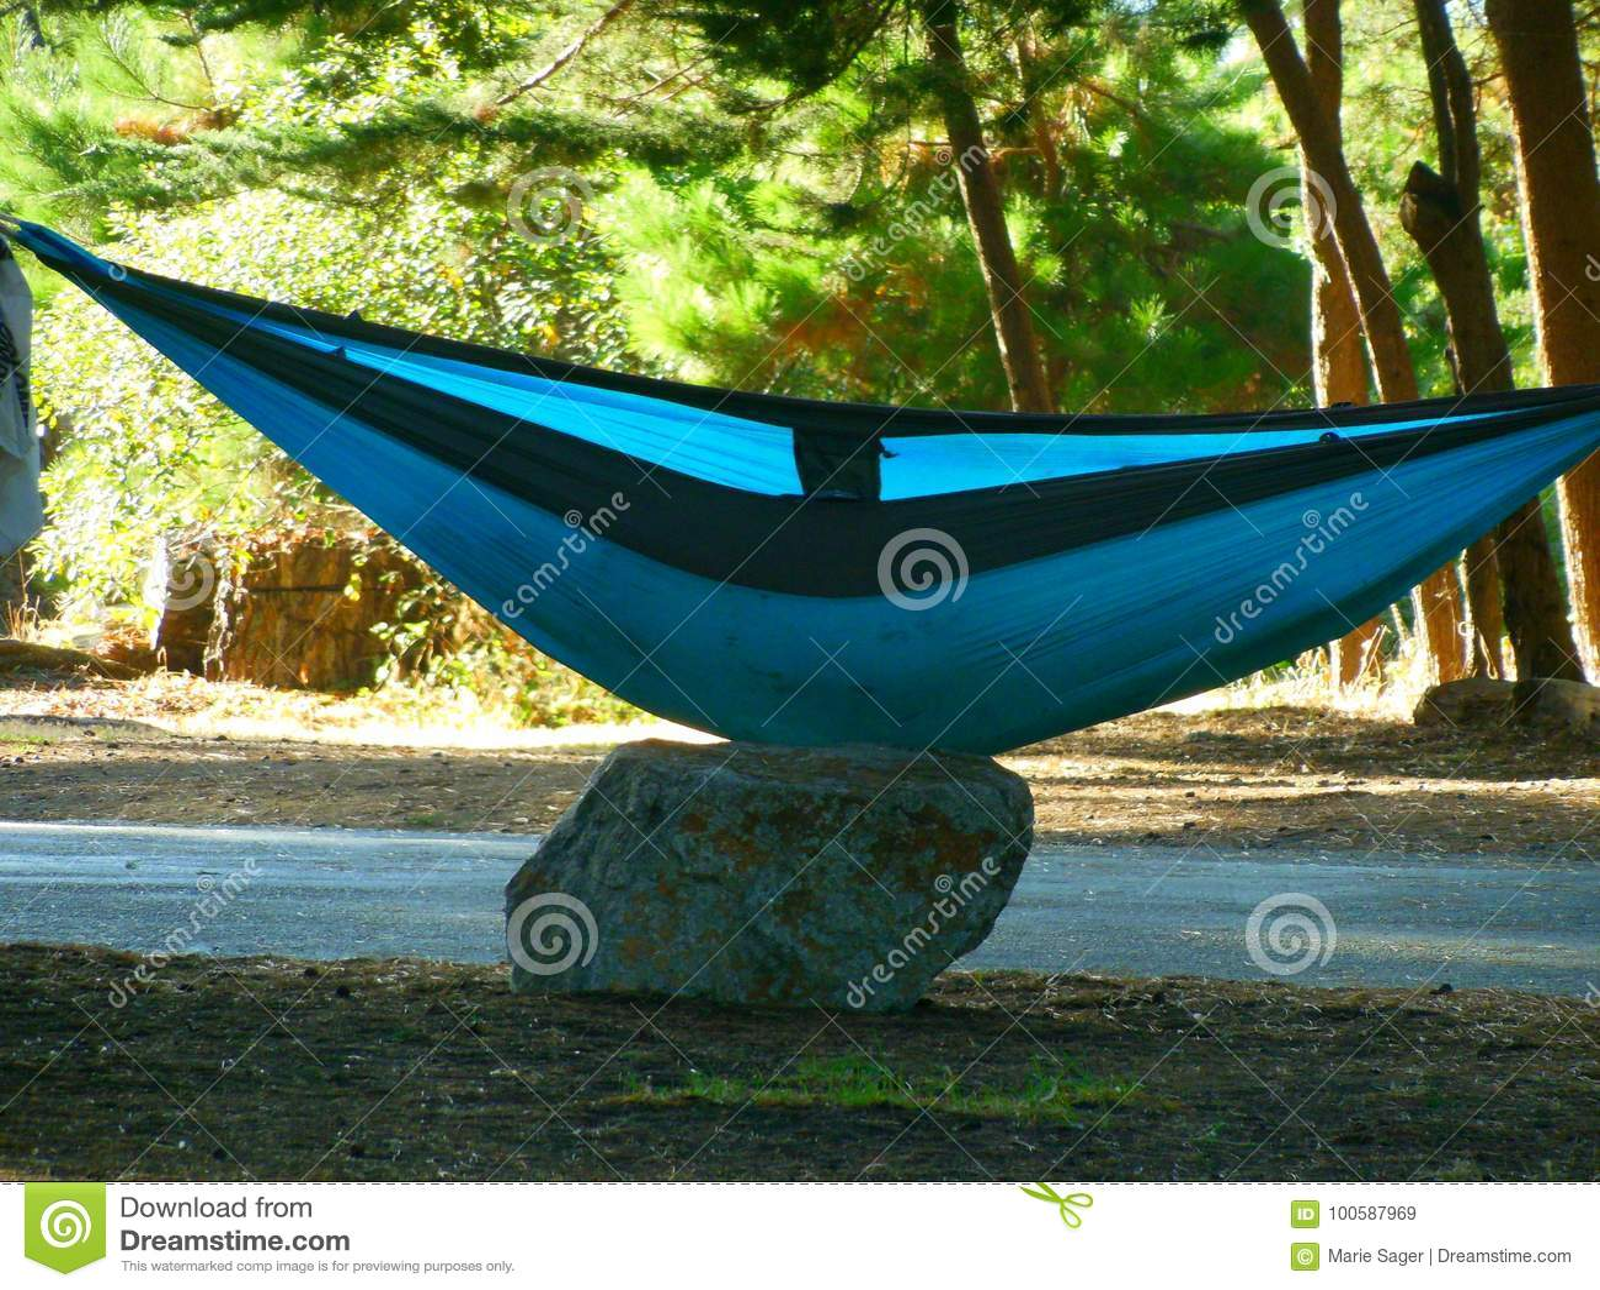 0b91304b5 El Acampar En Hamacas En La Costa Costa De Big Sur Imagen de archivo ...